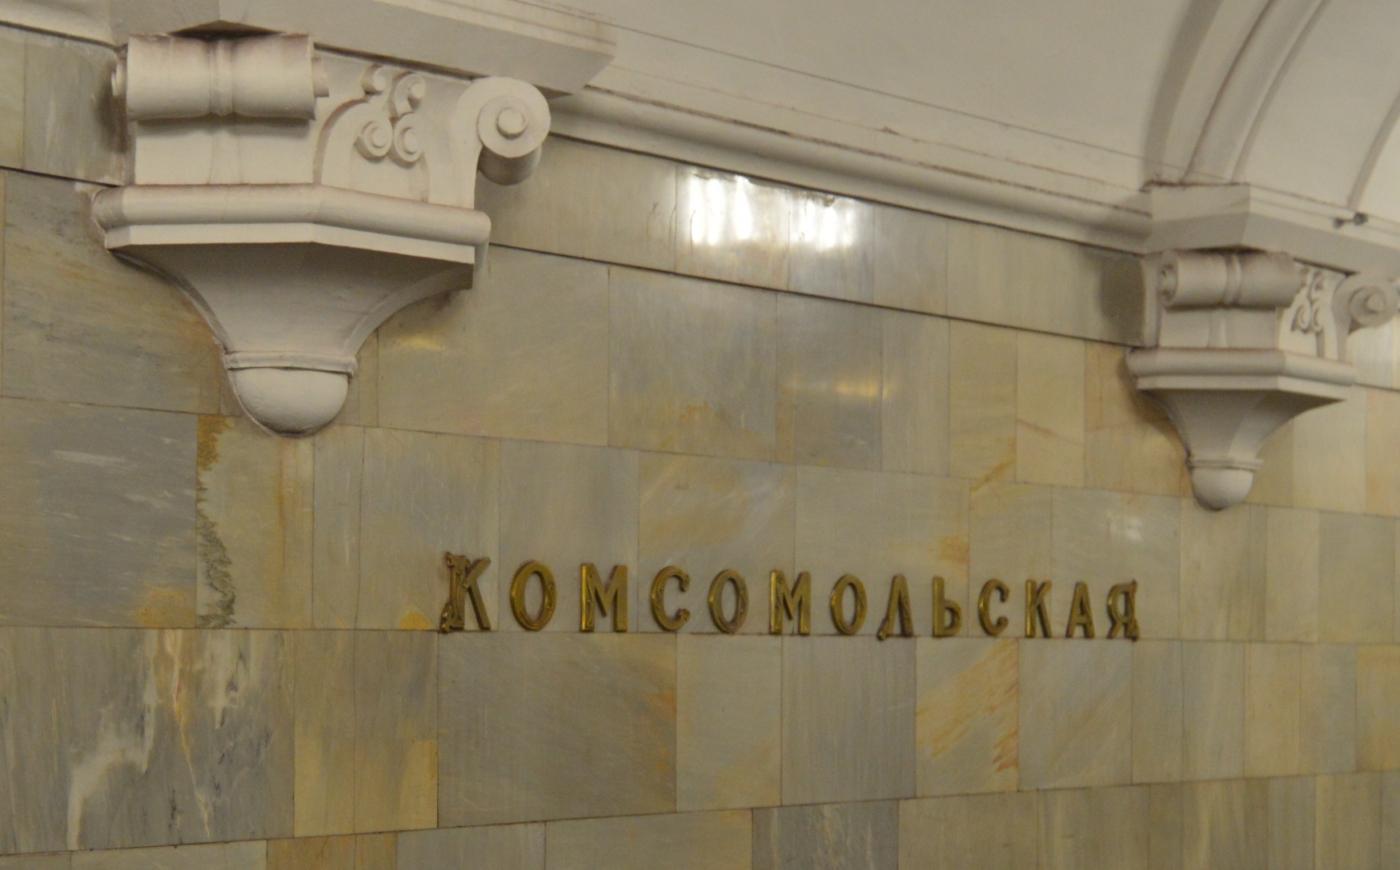 参观莫斯科地铁_图1-13